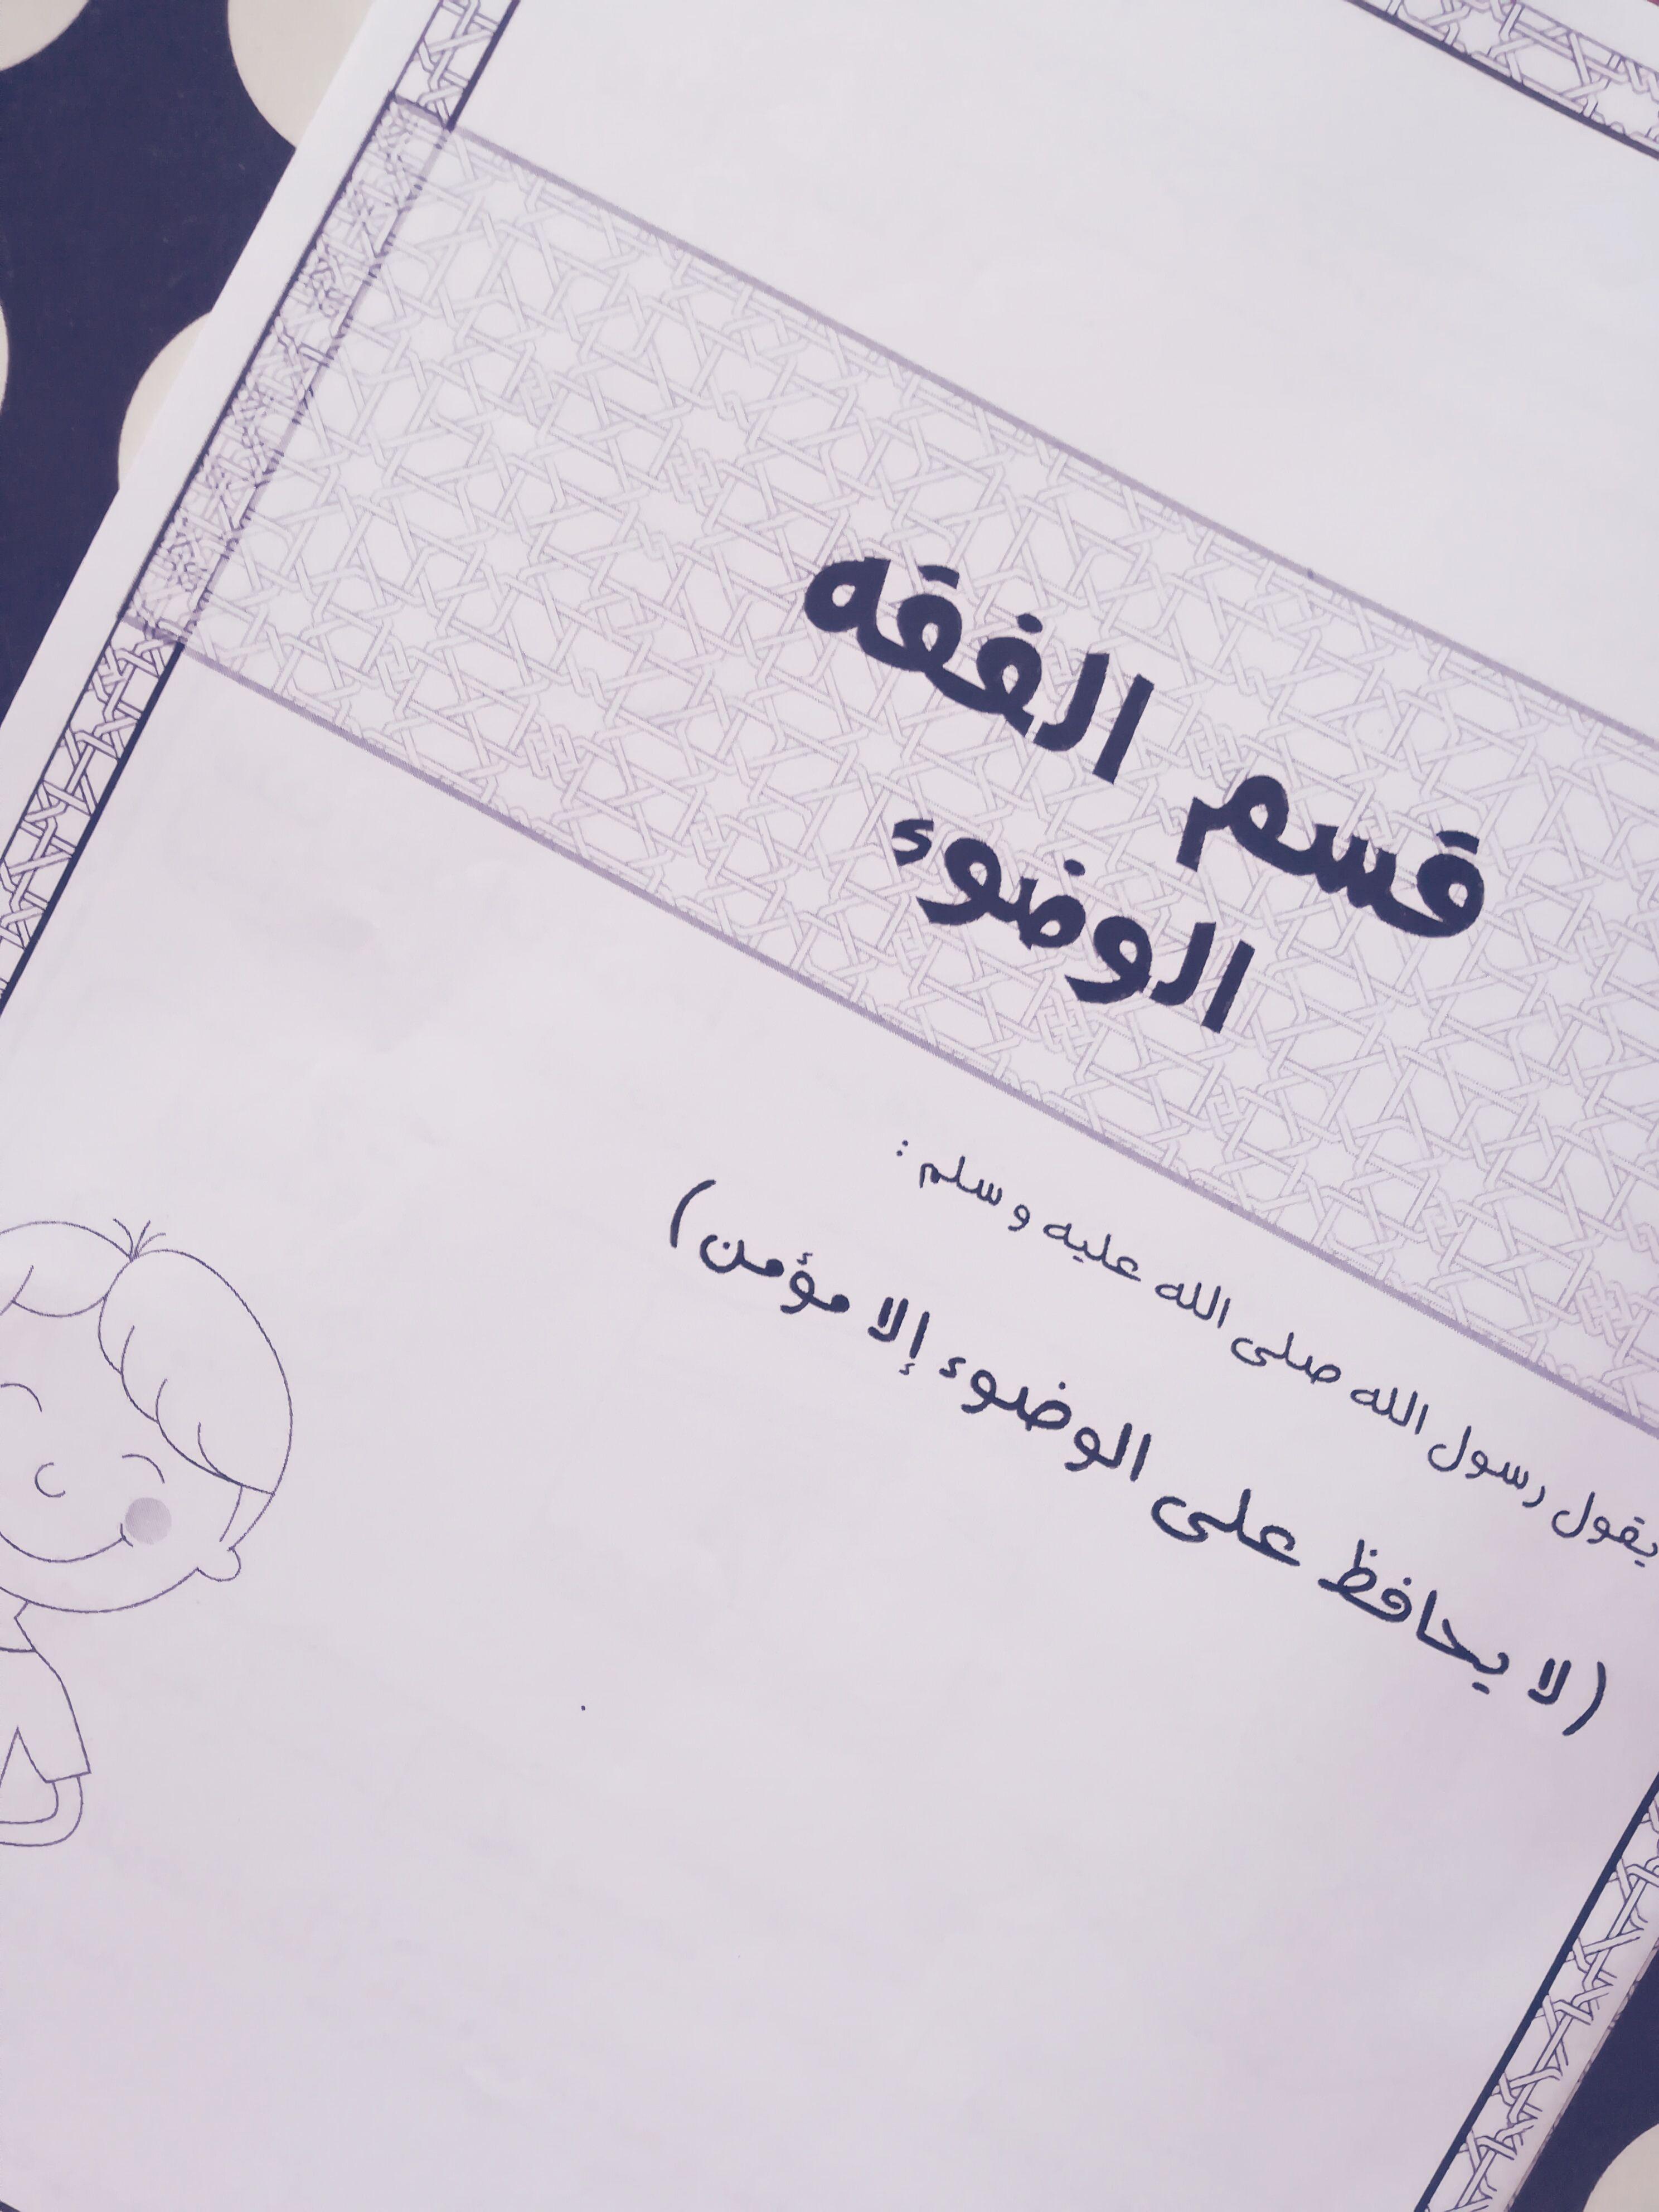 كتيب ممتع لتعليم الوضوء للأطفال برسوم جميلة و خطوات واضحة و تمارين شيقة مدعم بفيديوهات للايضاح و أفكار للتطبي Social Security Card Cards Against Humanity Cards